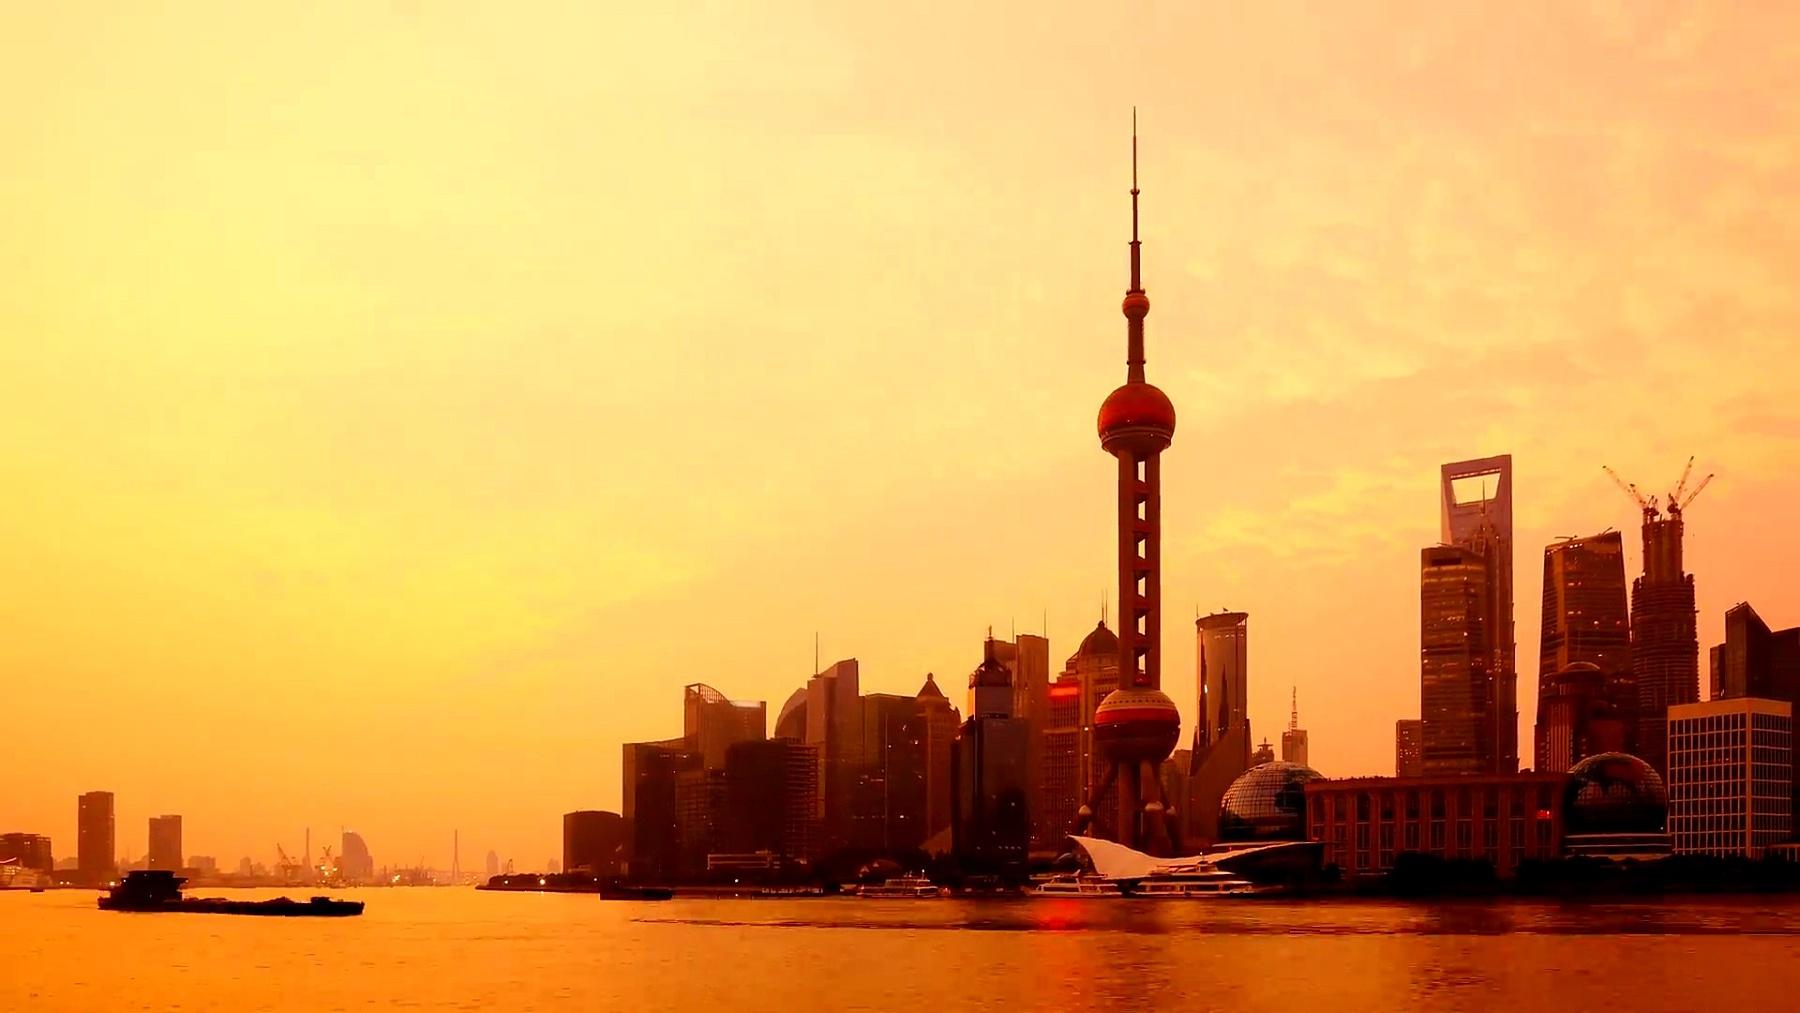 上海黎明时分,延时摄影(缩小)。